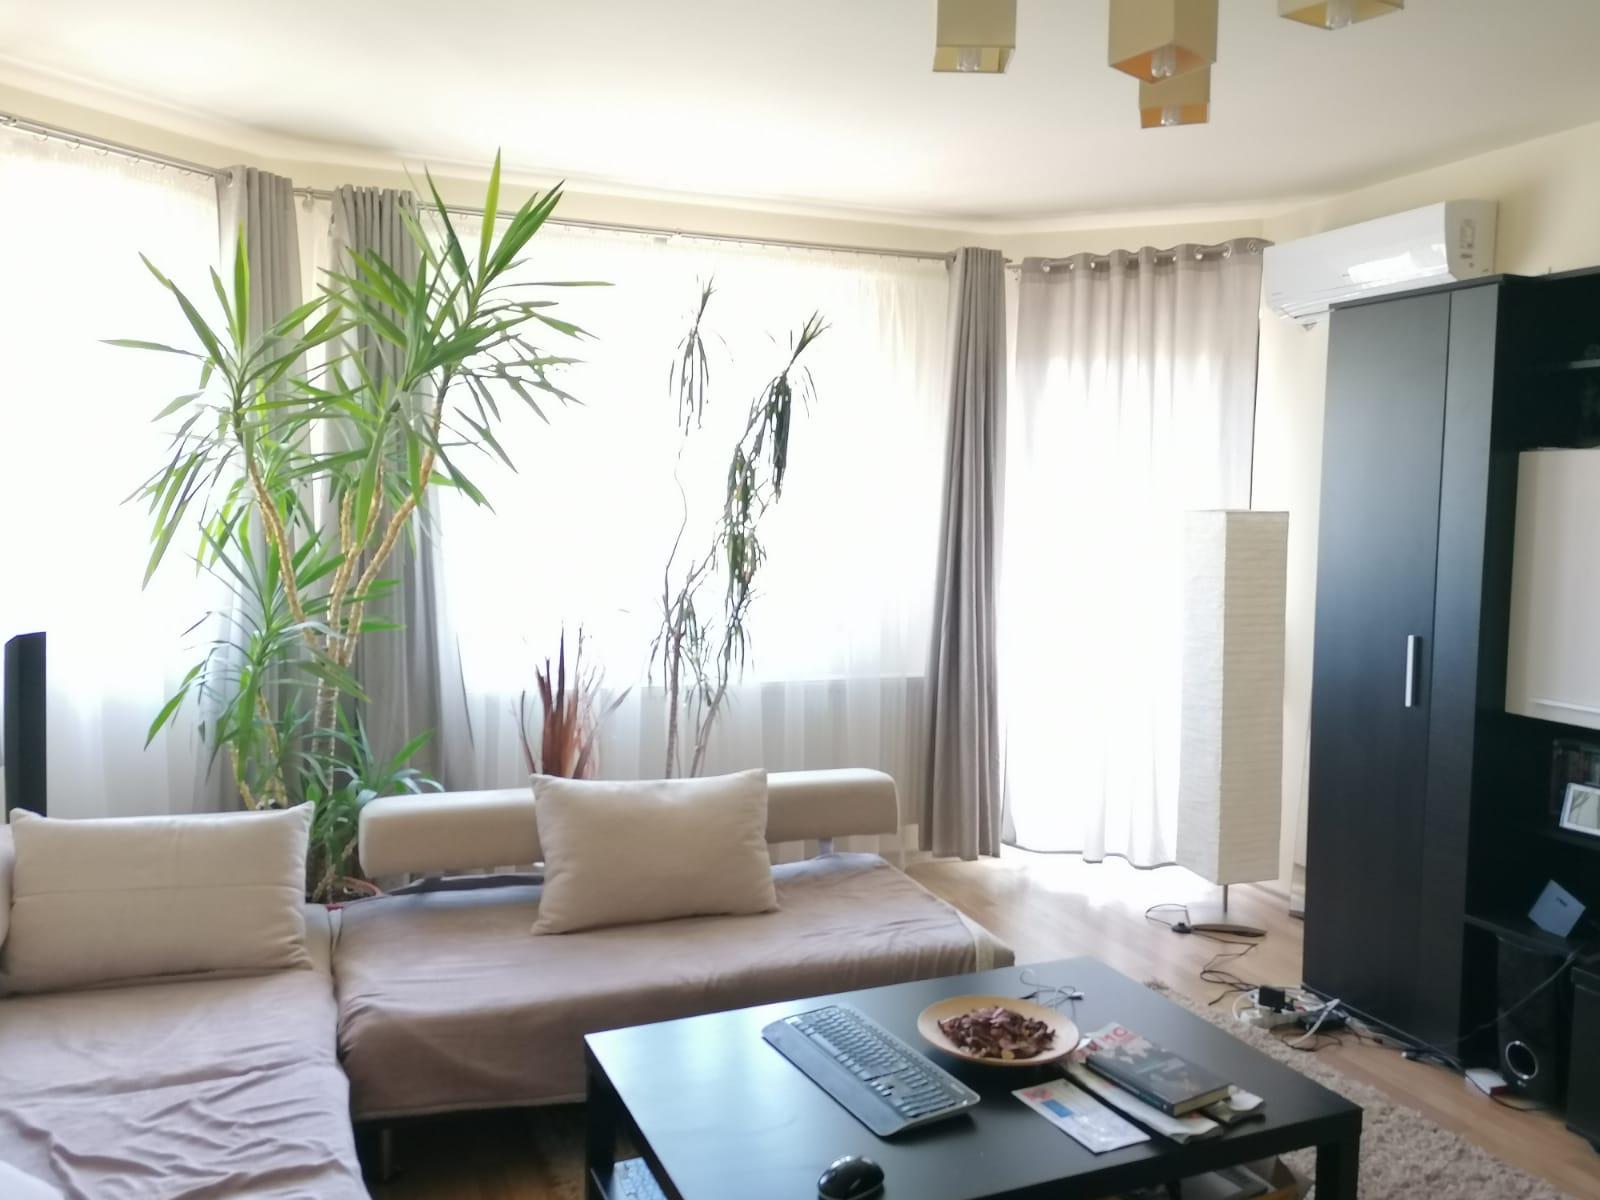 Tilisca/Sacel Et.2 – Apartament NOU 6 camere+ pivnita